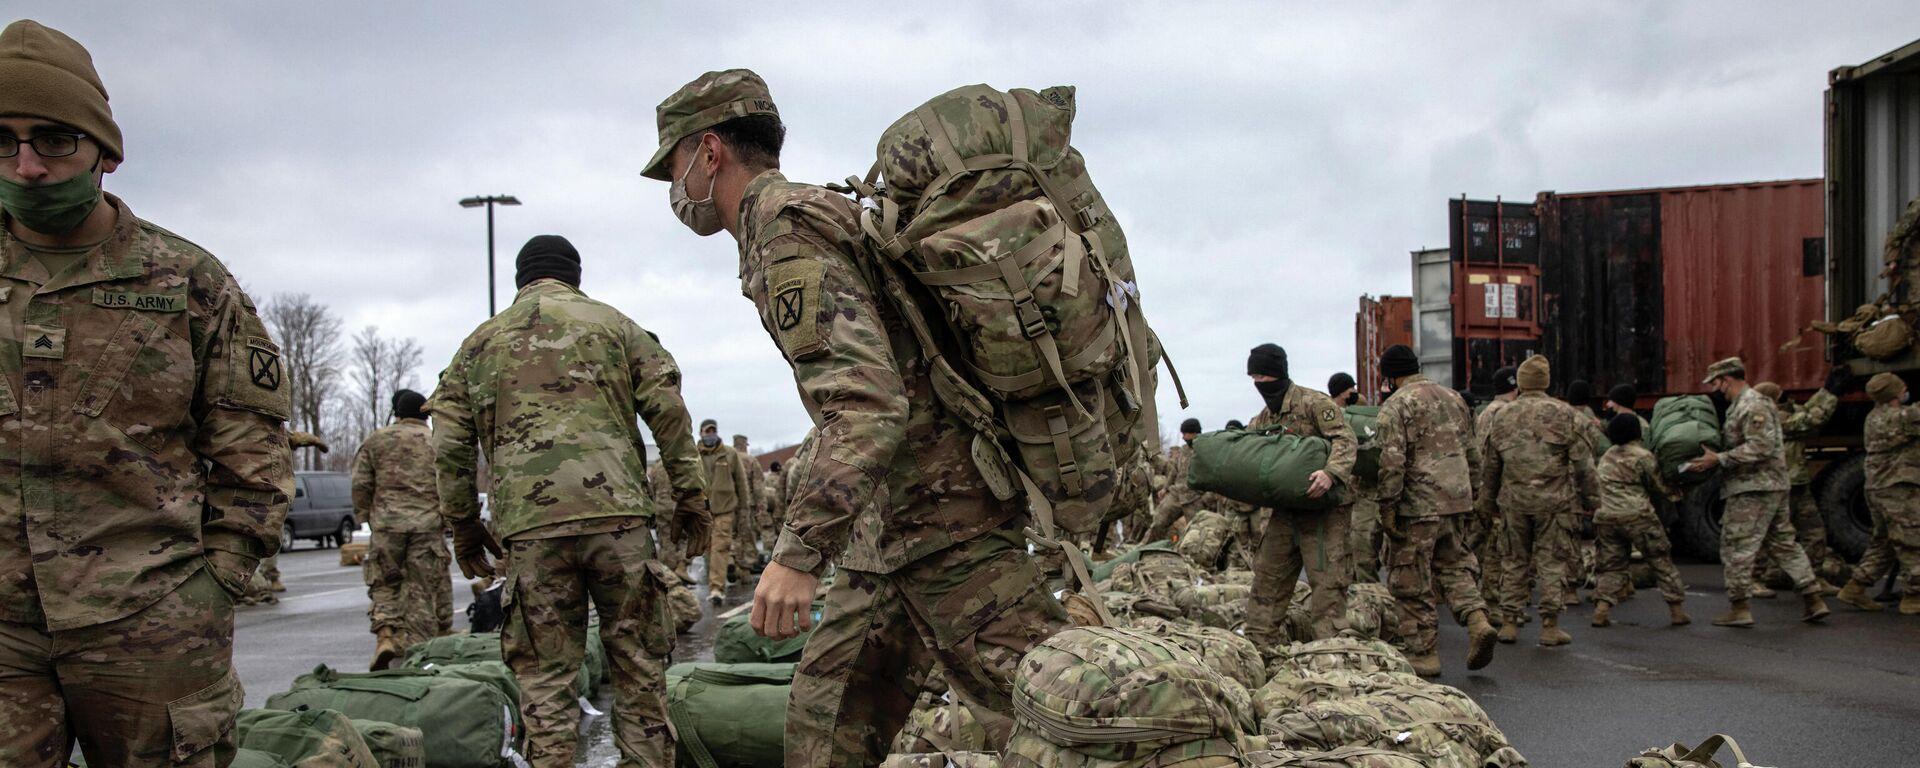 Soldados estadounidenses a su vuelta de Afganistán - Sputnik Mundo, 1920, 09.07.2021